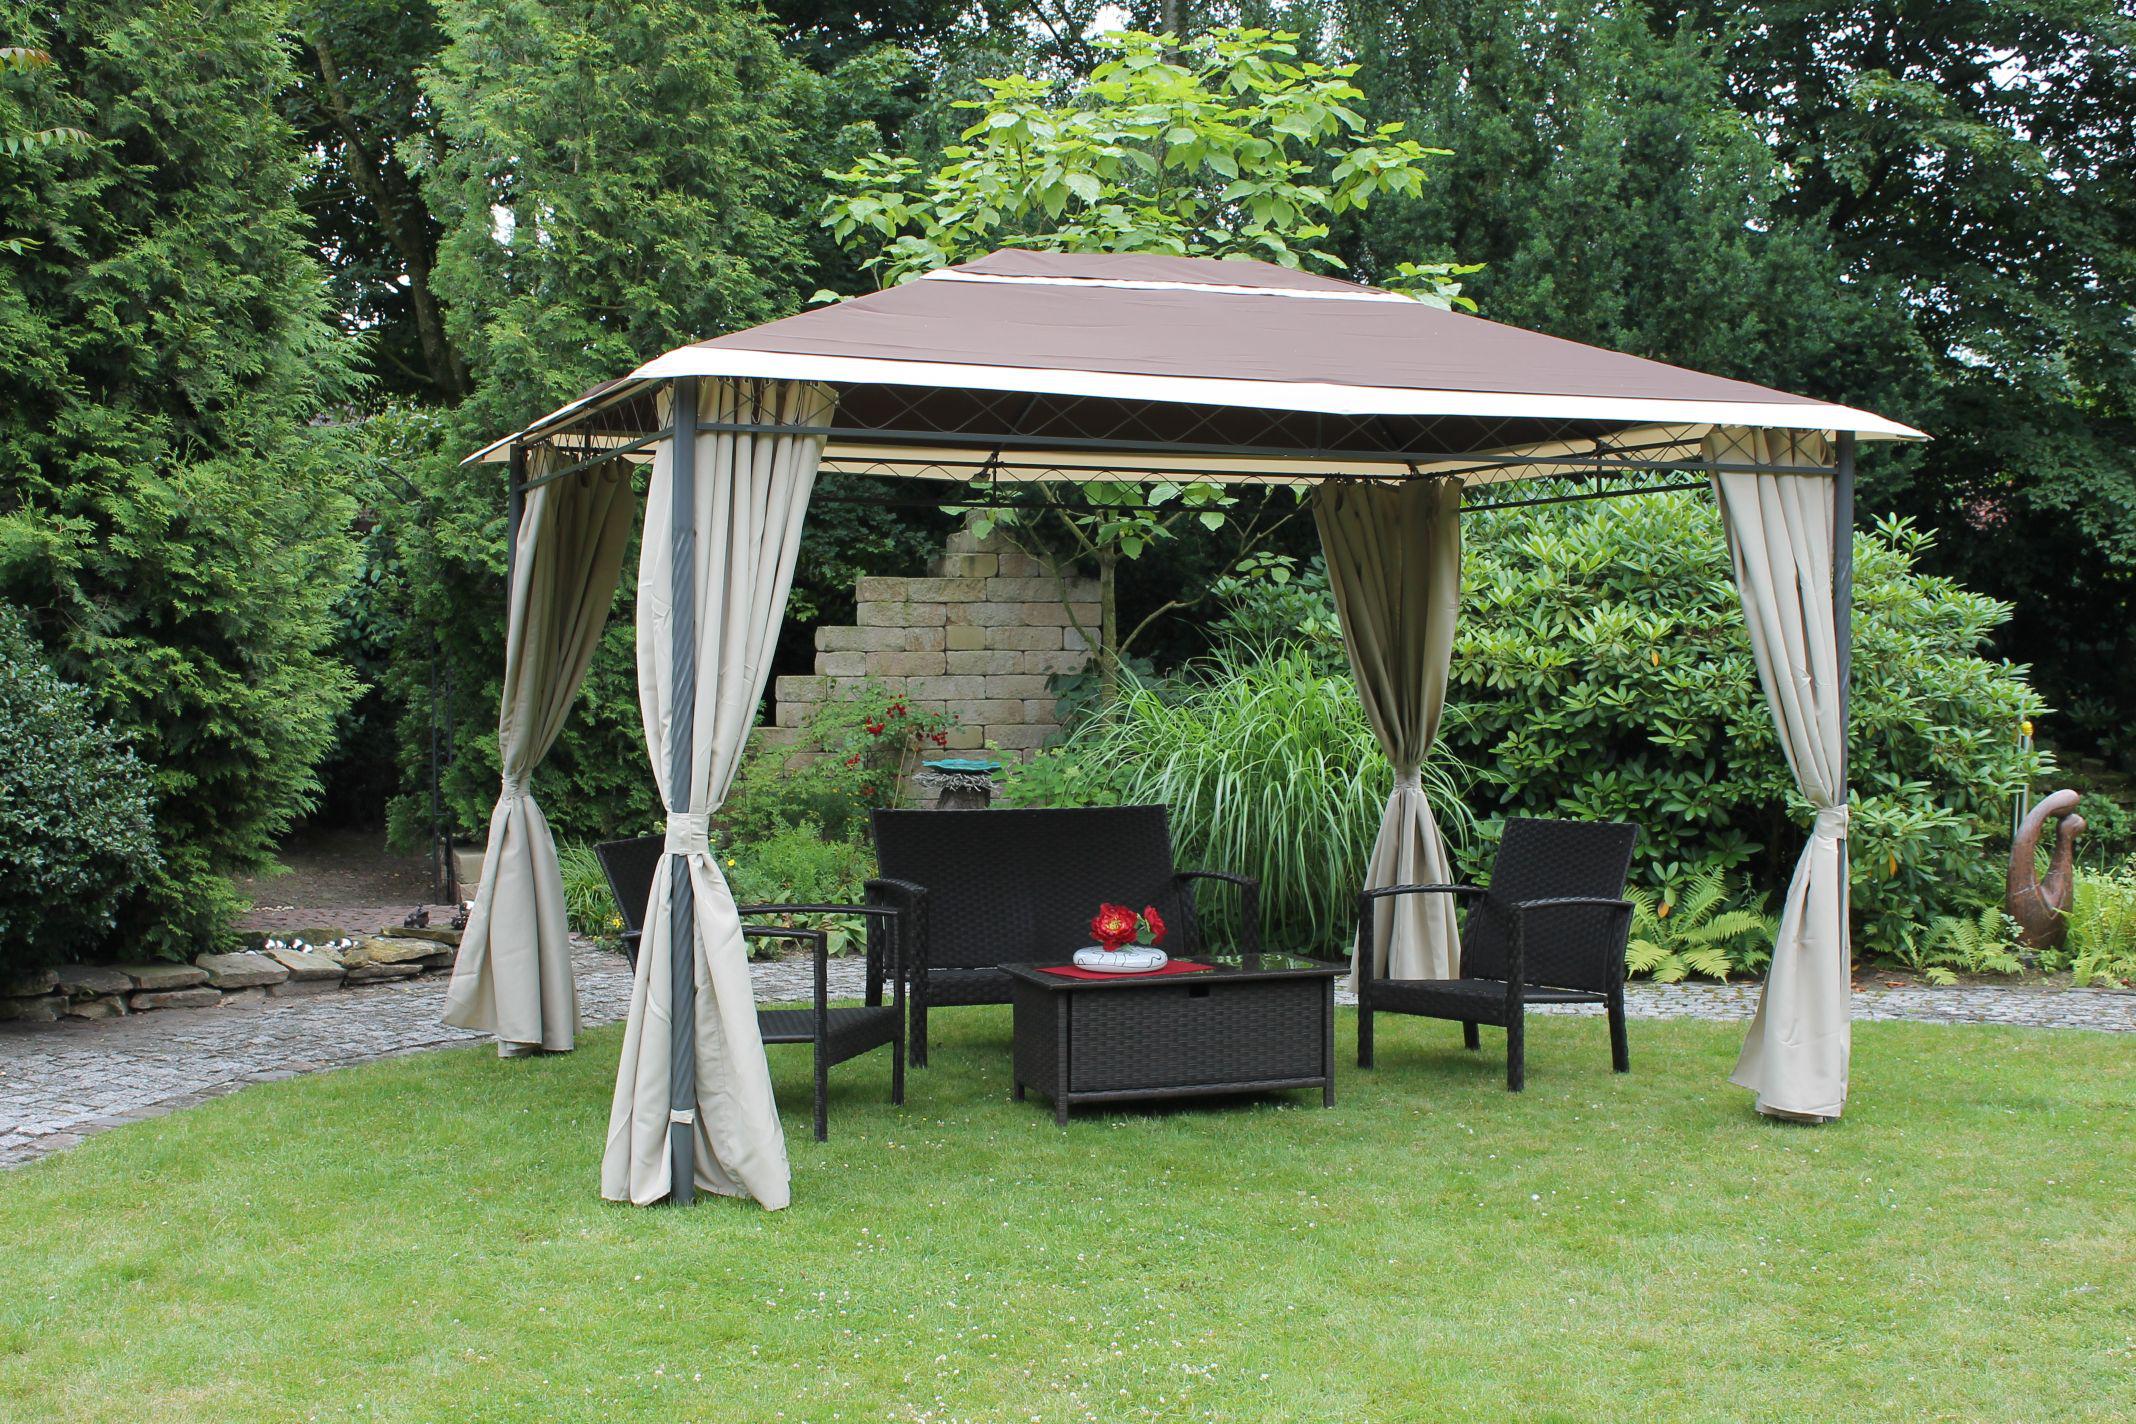 leco antik pavillon seitenteile garten partyzelt festzelt zelt gartenm bel ebay. Black Bedroom Furniture Sets. Home Design Ideas